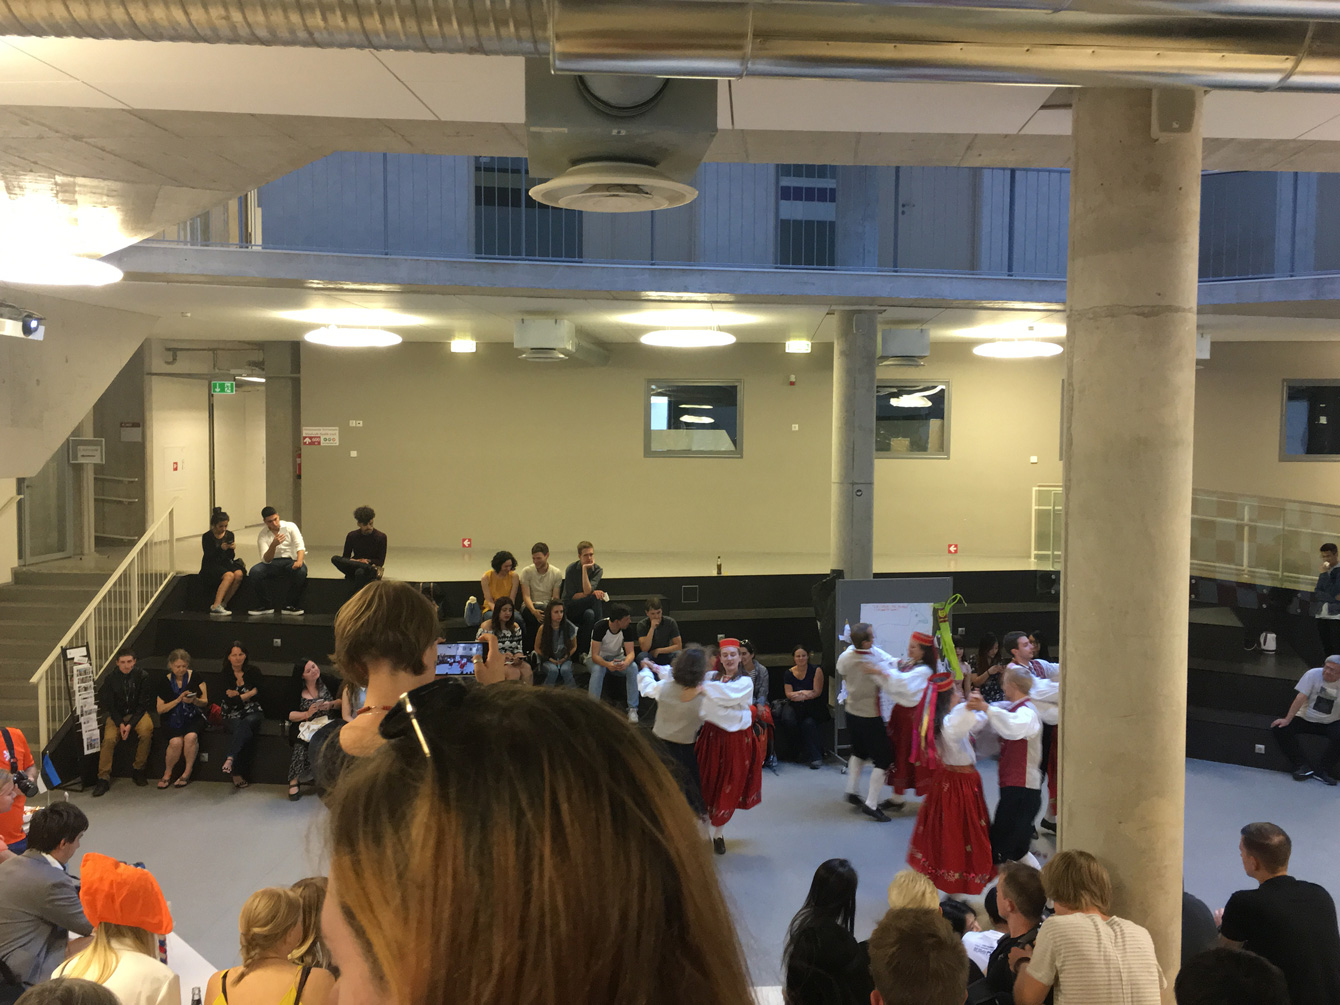 留学したエストニアの学校で行われたインターナショナルパーティ。ヨーロッパを中心に世界各国から生徒が集まるため、国ごとの伝統文化や食に触れることができた。写真は、エストニアの民族衣装を身に着け、伝統的なダンスを披露したもの。